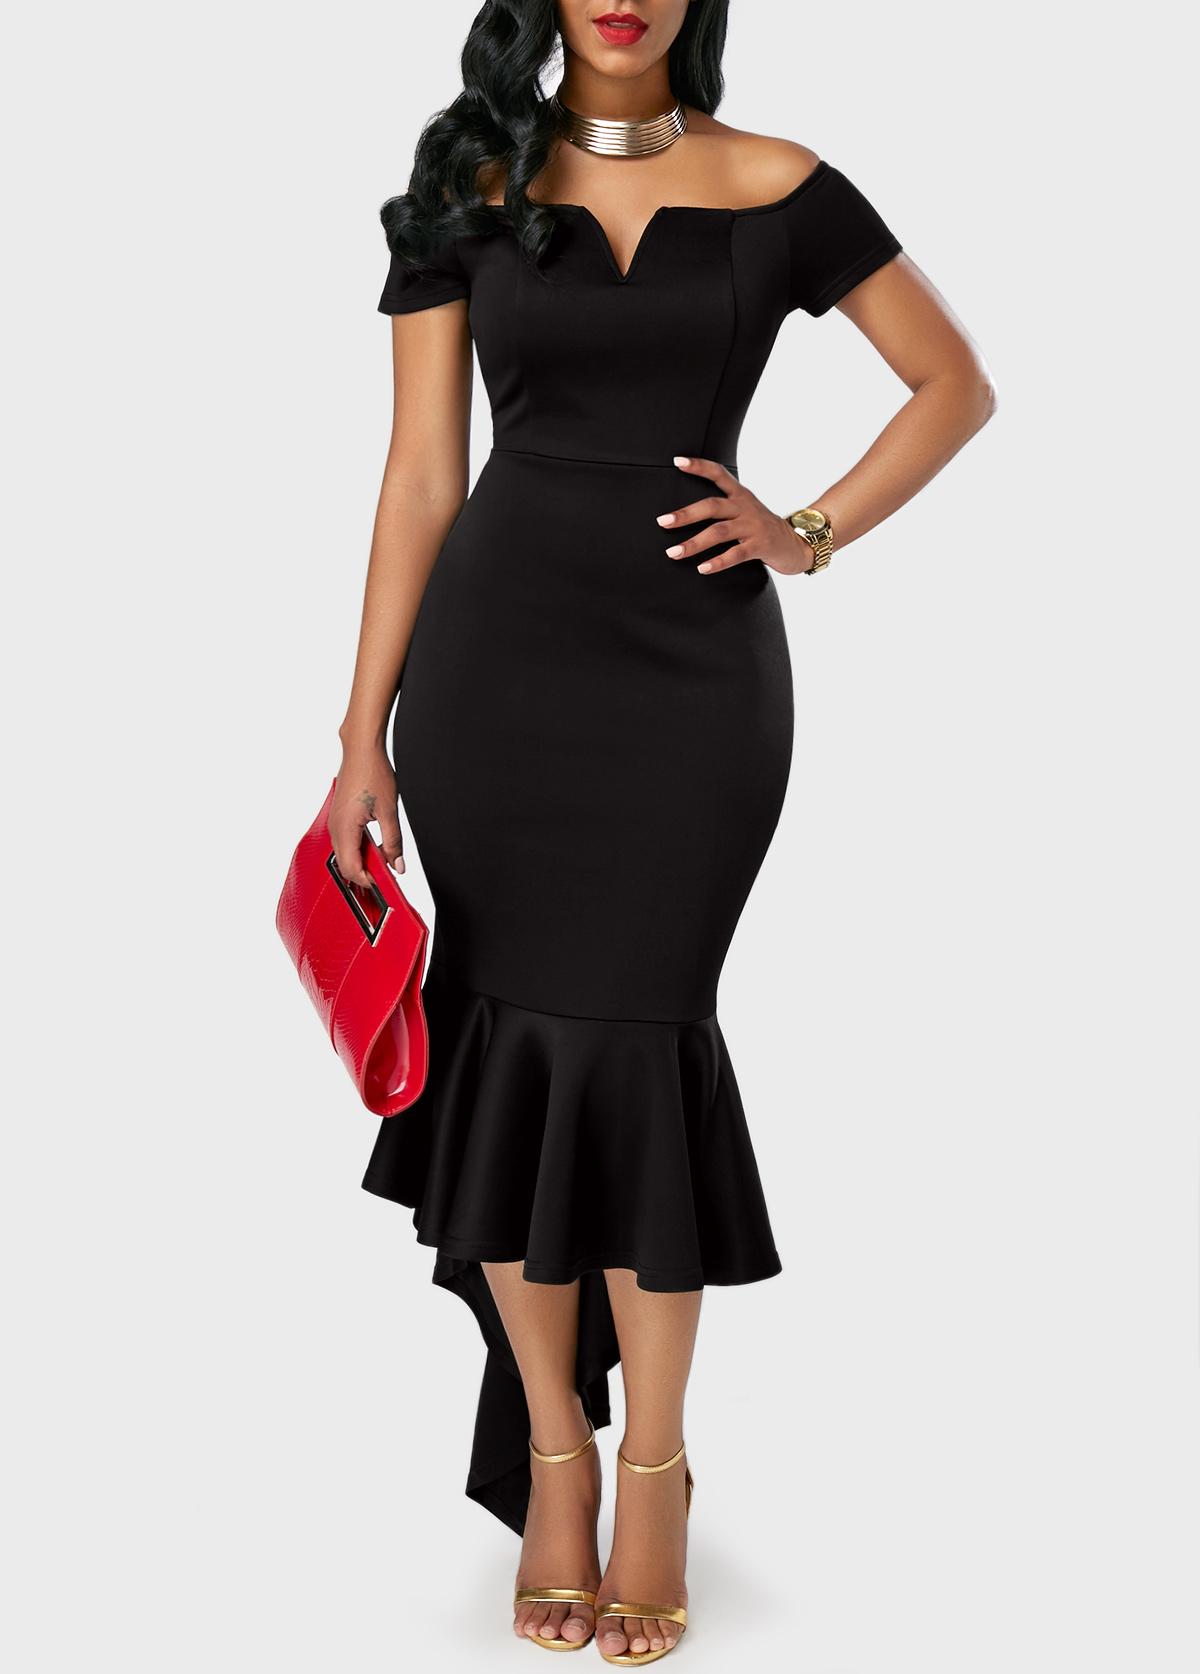 Вечернее платье с воланом | Rotita